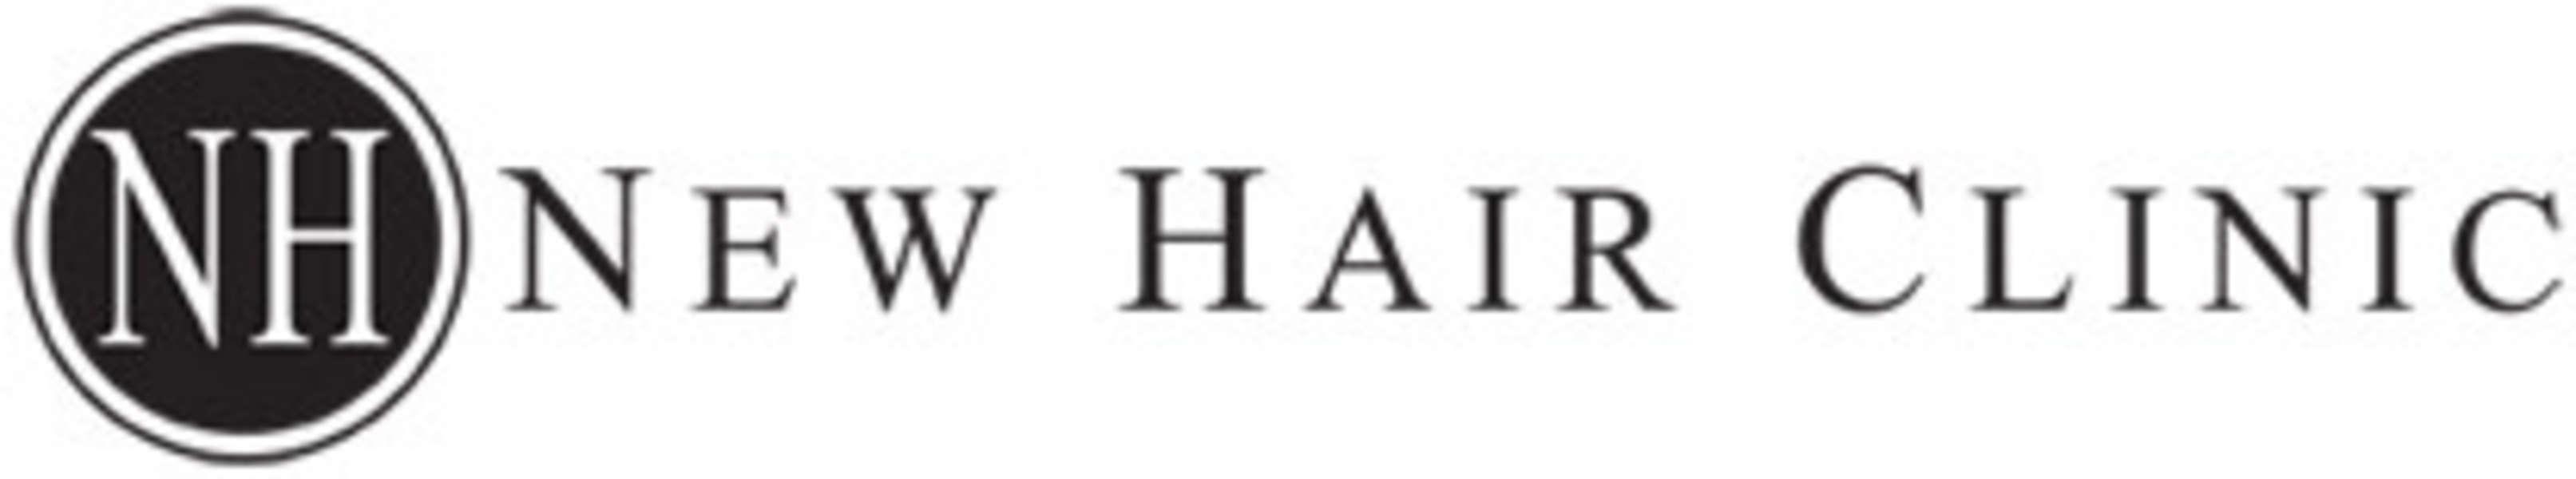 New Hair Clinic (Malaysia)